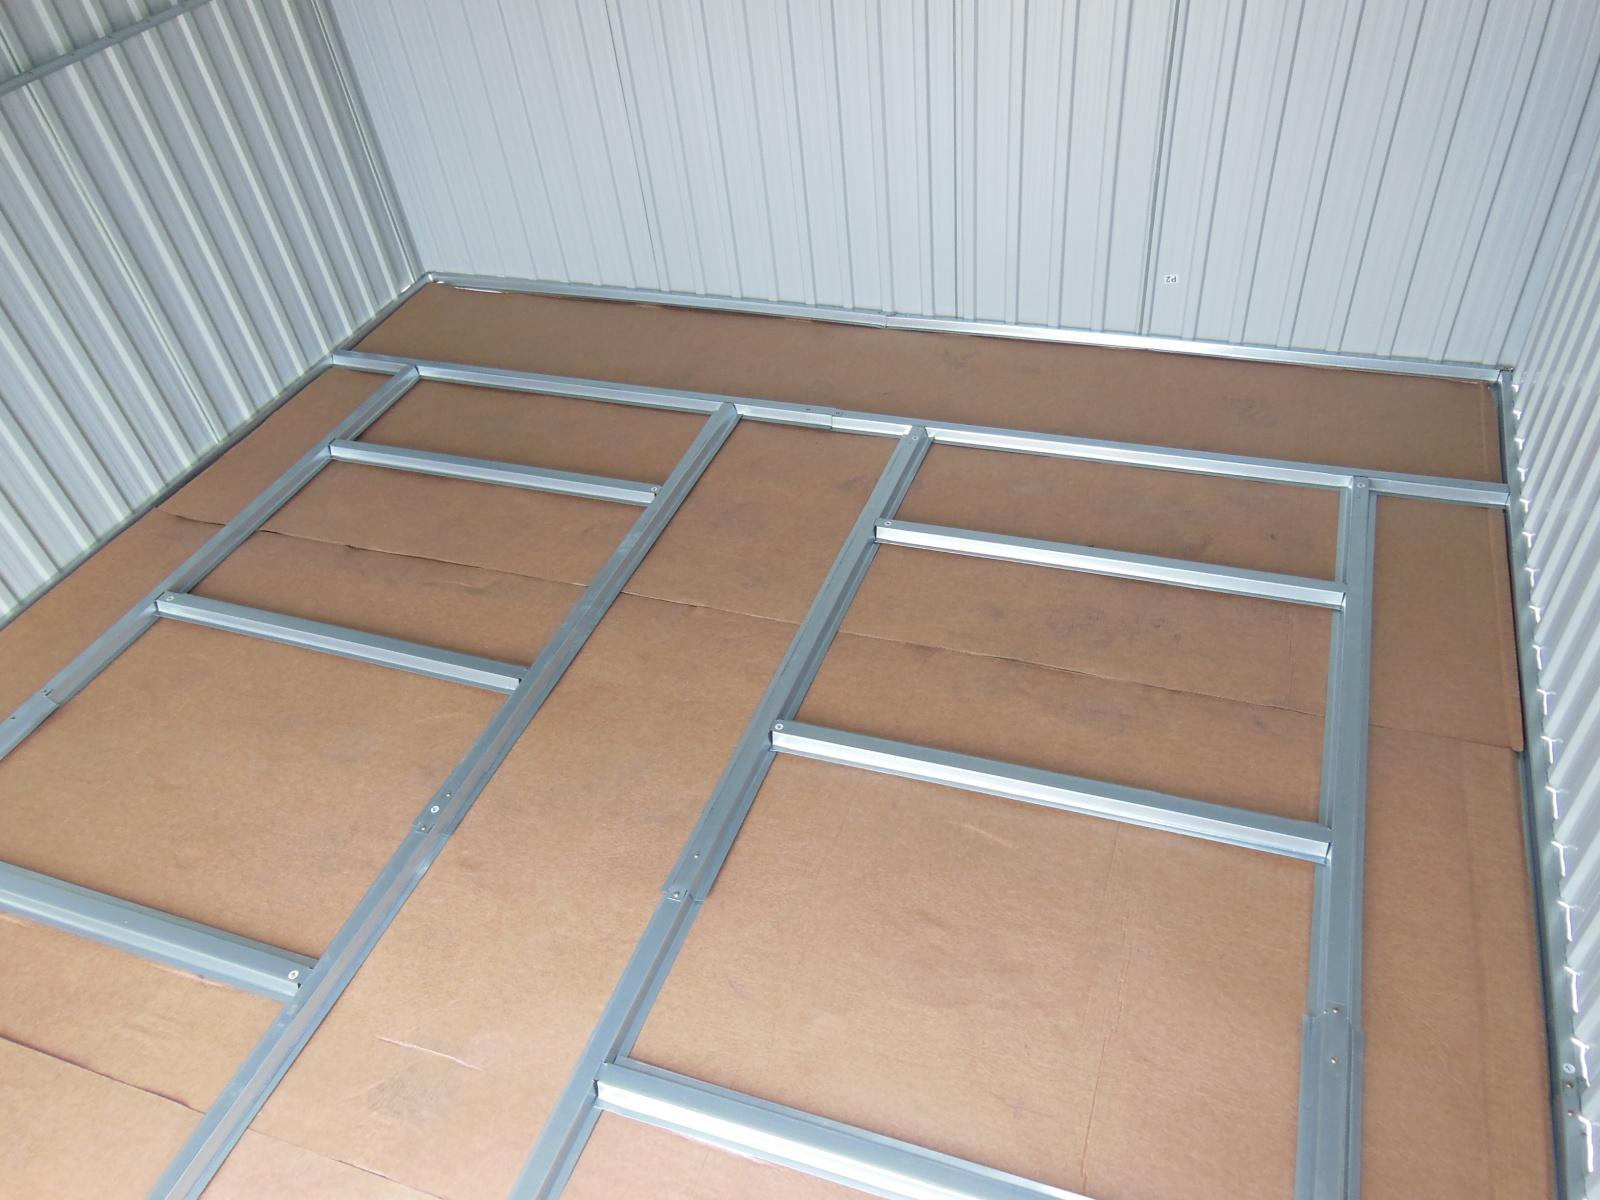 podlahová základna LANITPLAST LANITSTORAGE 10x10